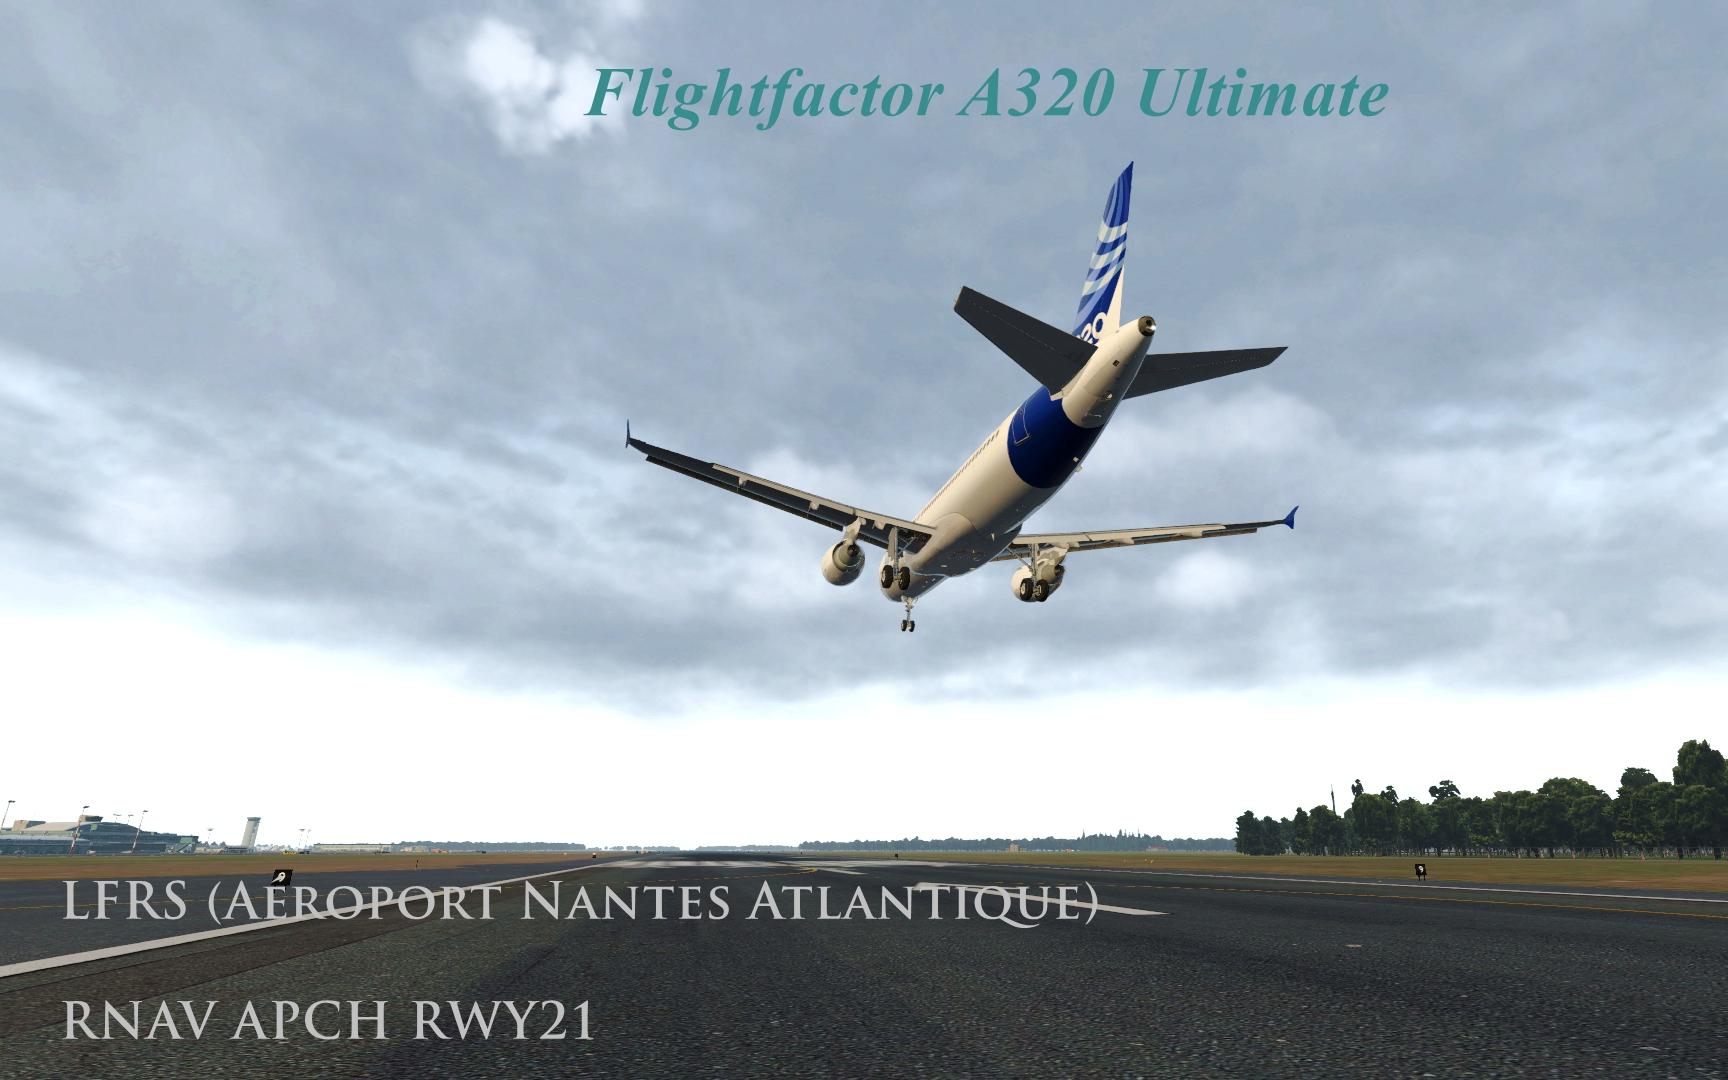 Flightfactor A320